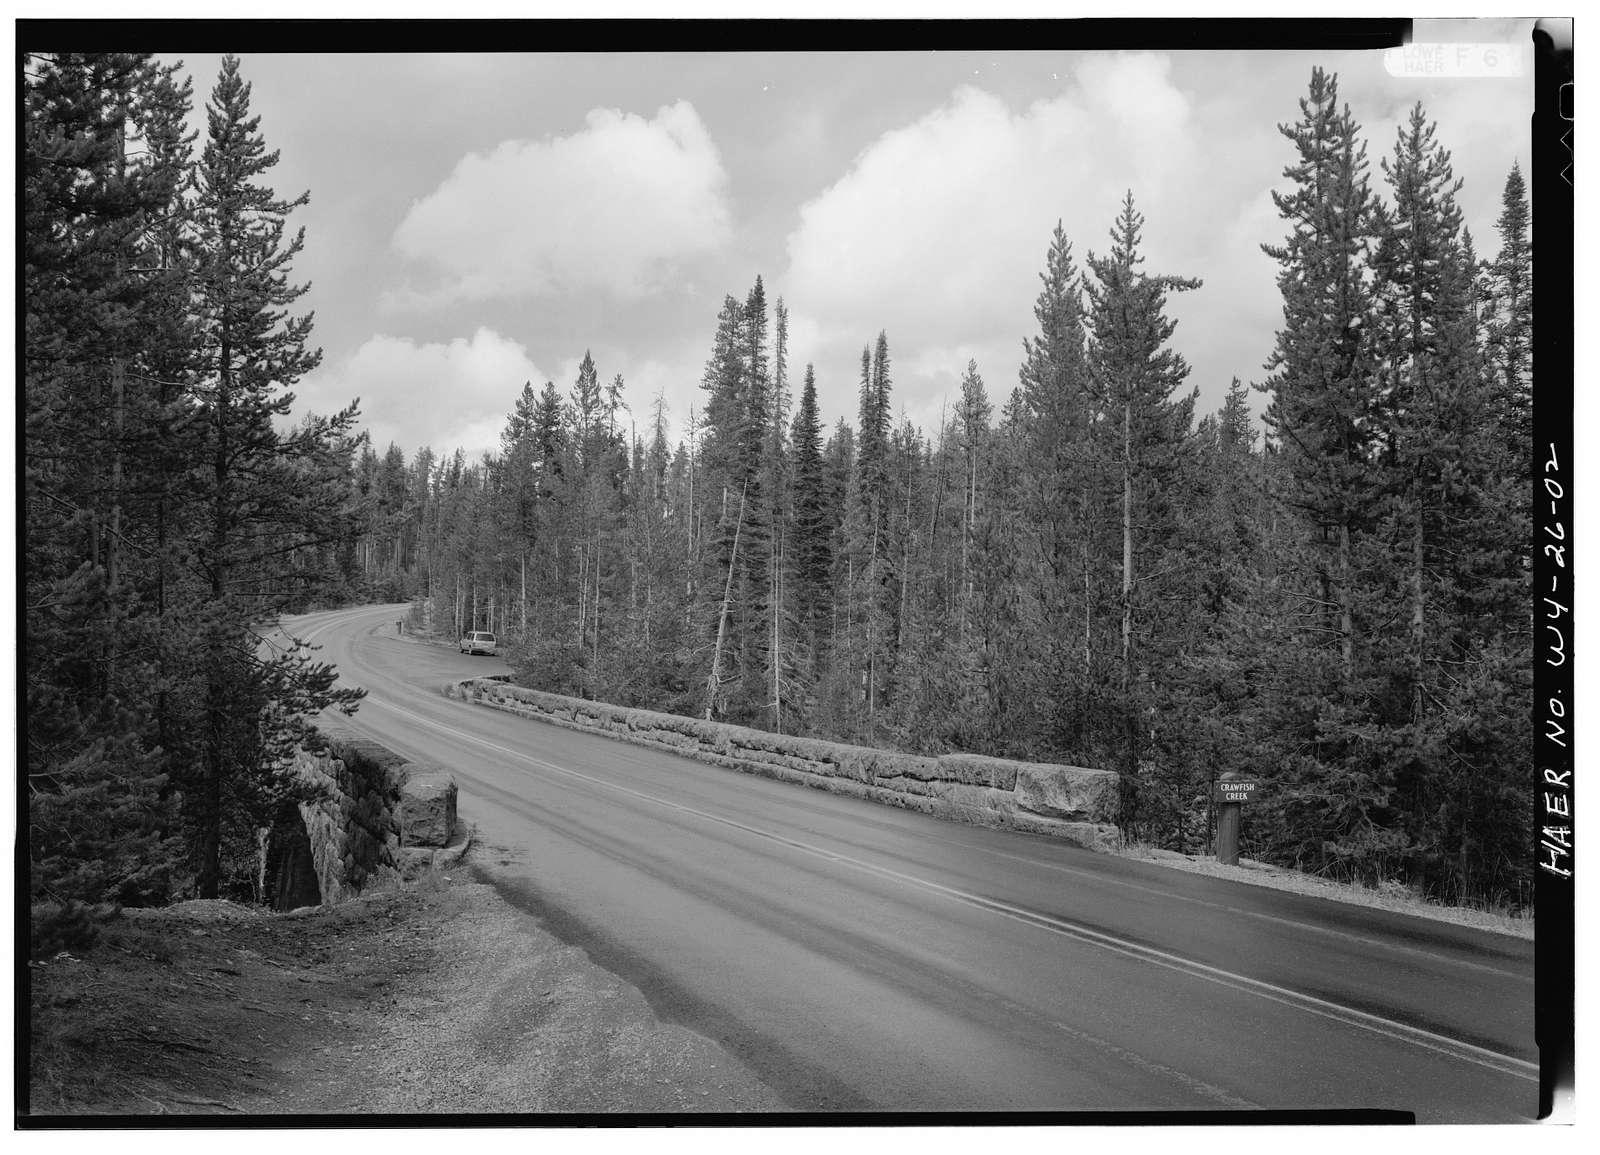 Crawfish Creek Bridge, Spanning Crawfish Creek at South Entrance Road, Lake, Teton County, WY